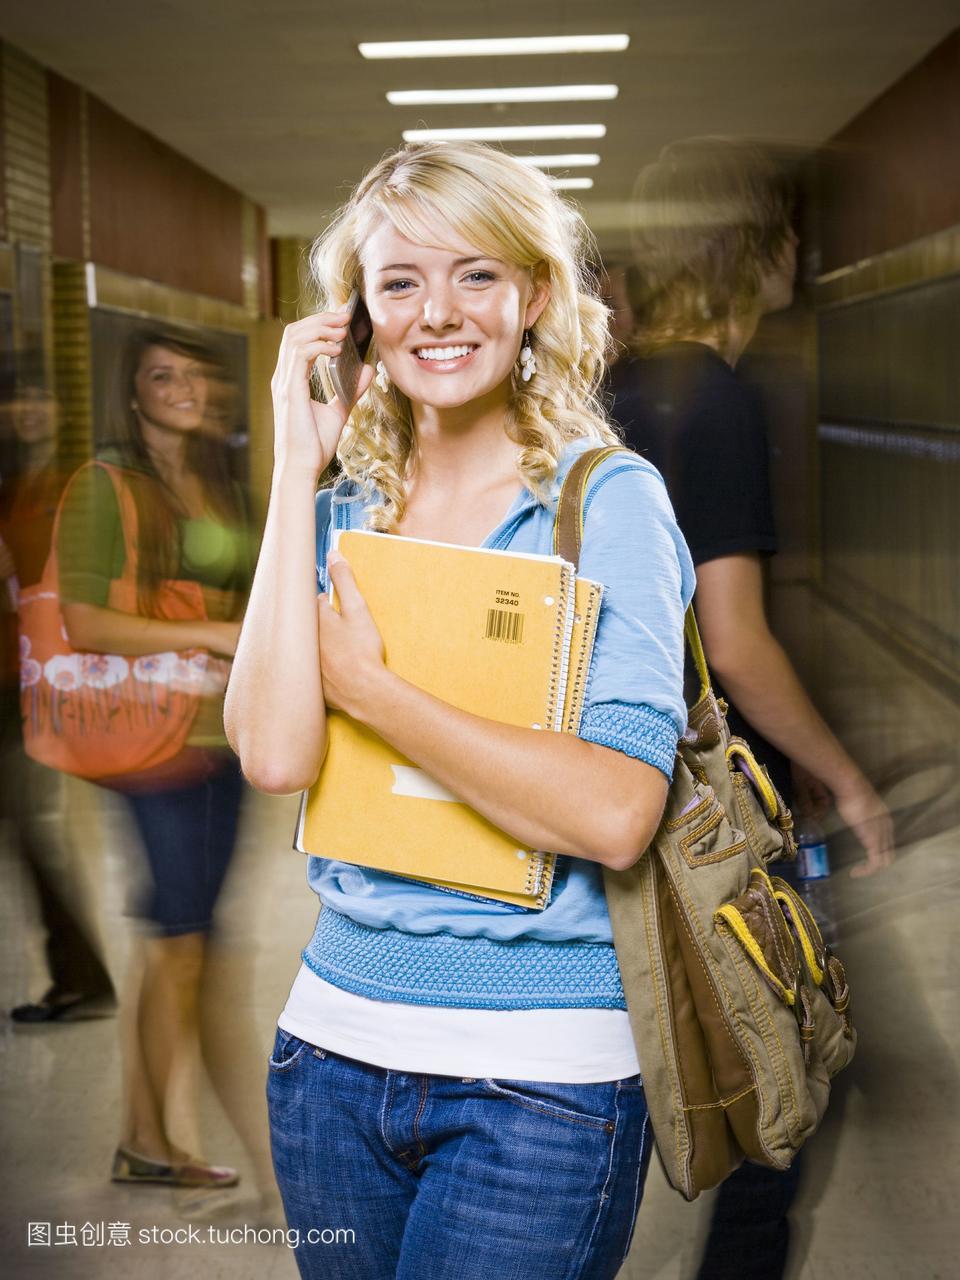 女高中生在学校高中。朋友一个读手机班上不想了没有图片